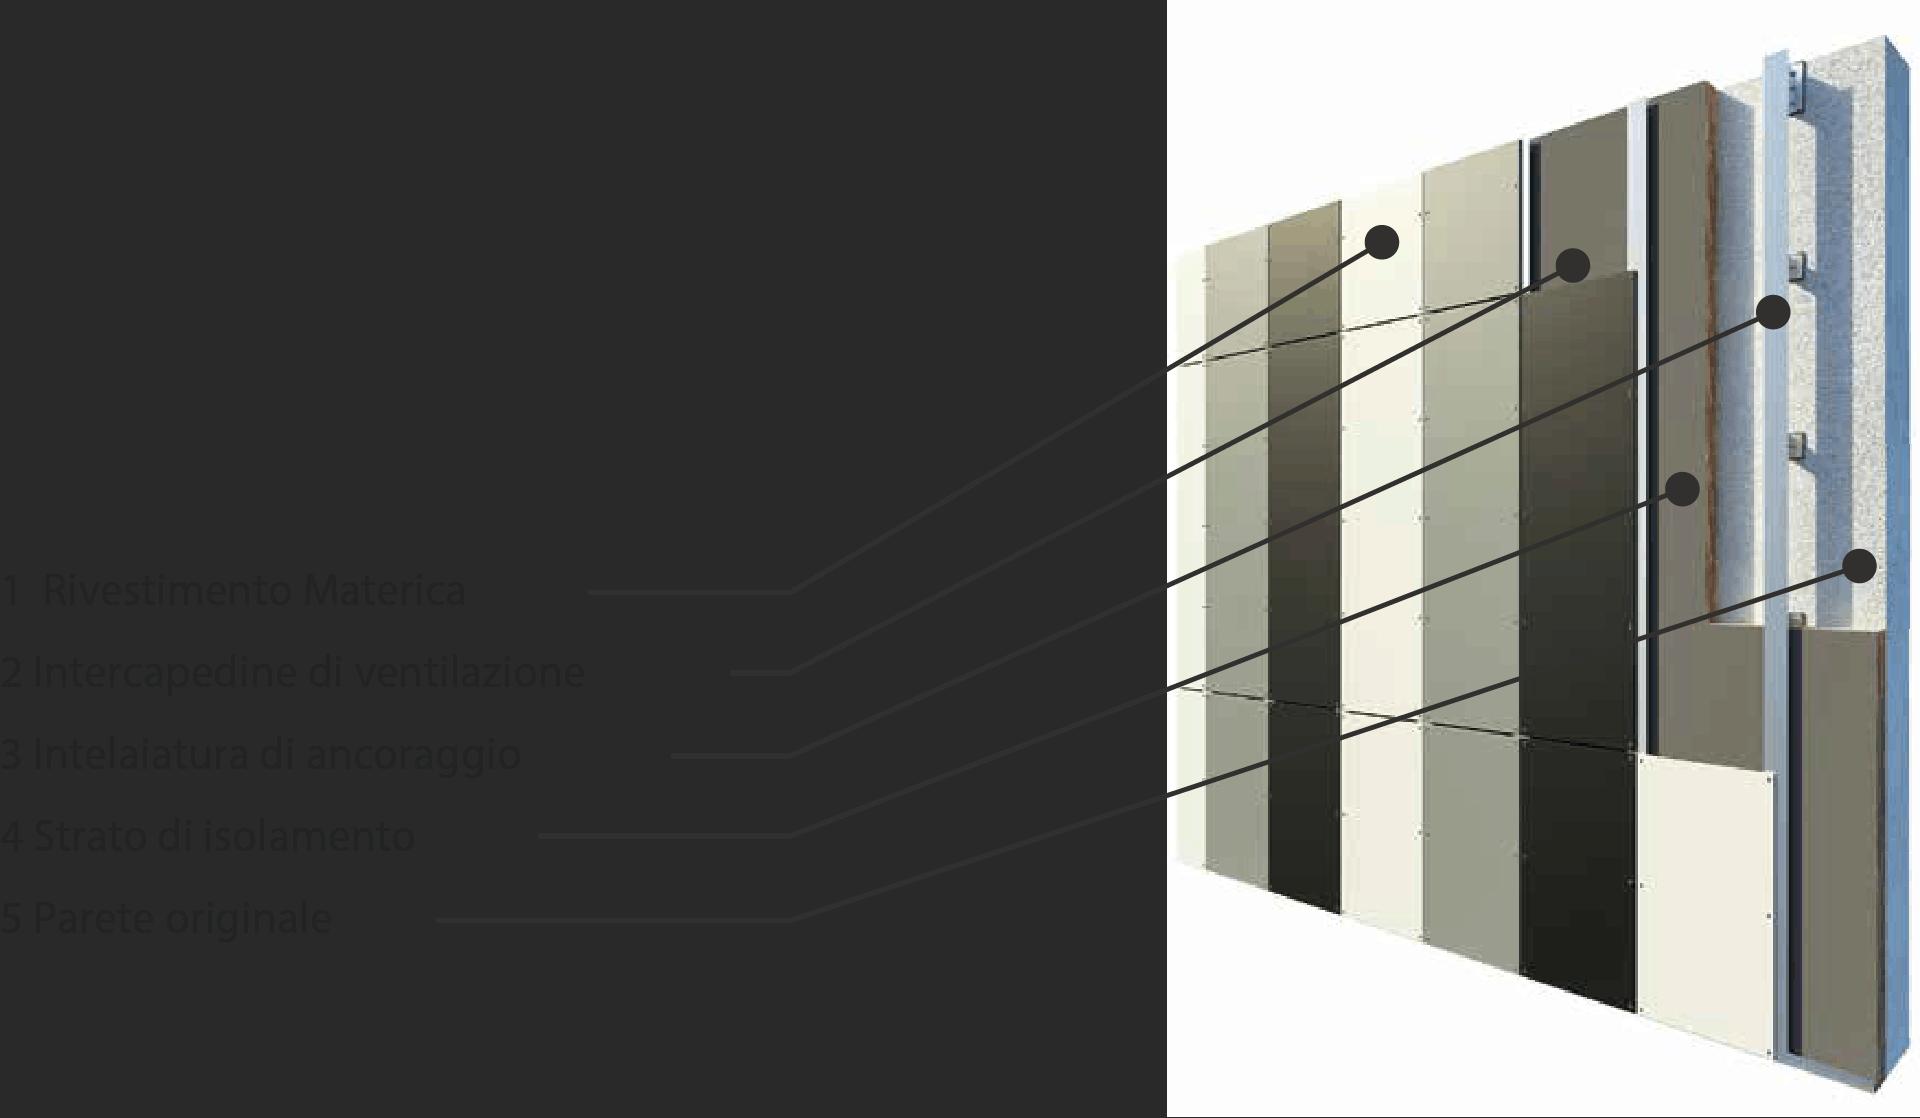 facciata-ventilata-pro-e-contro